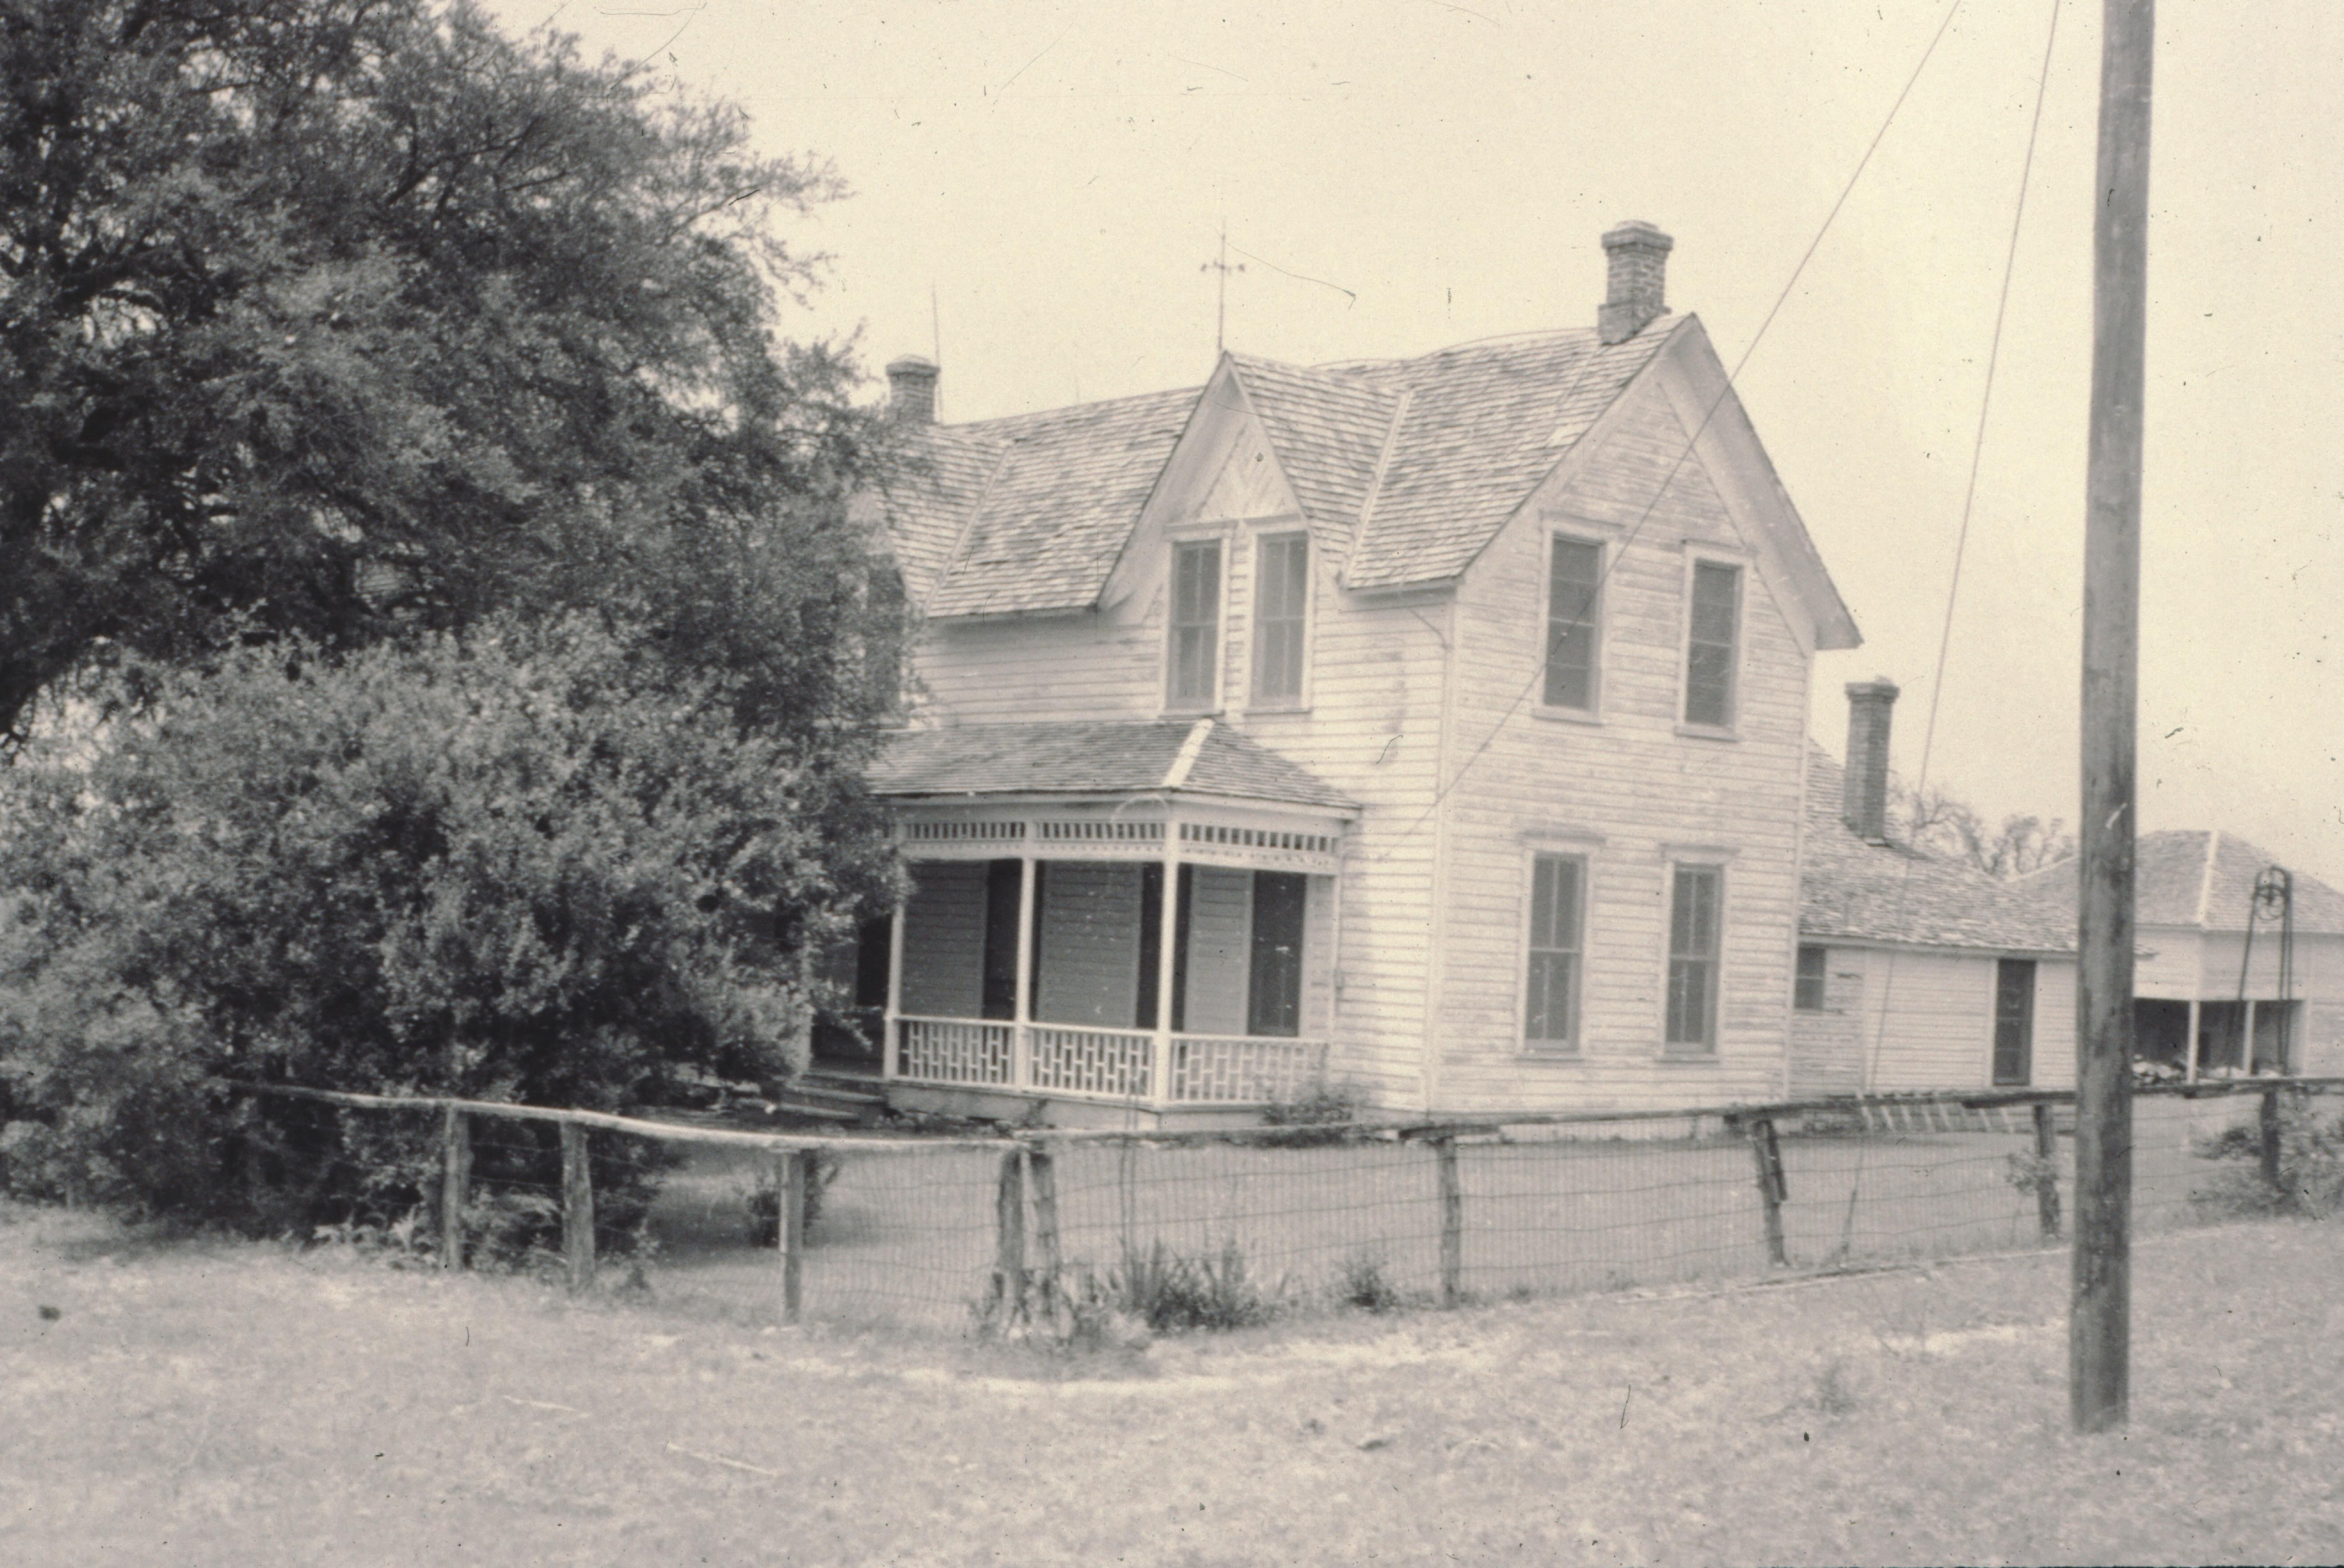 Brandhagen House